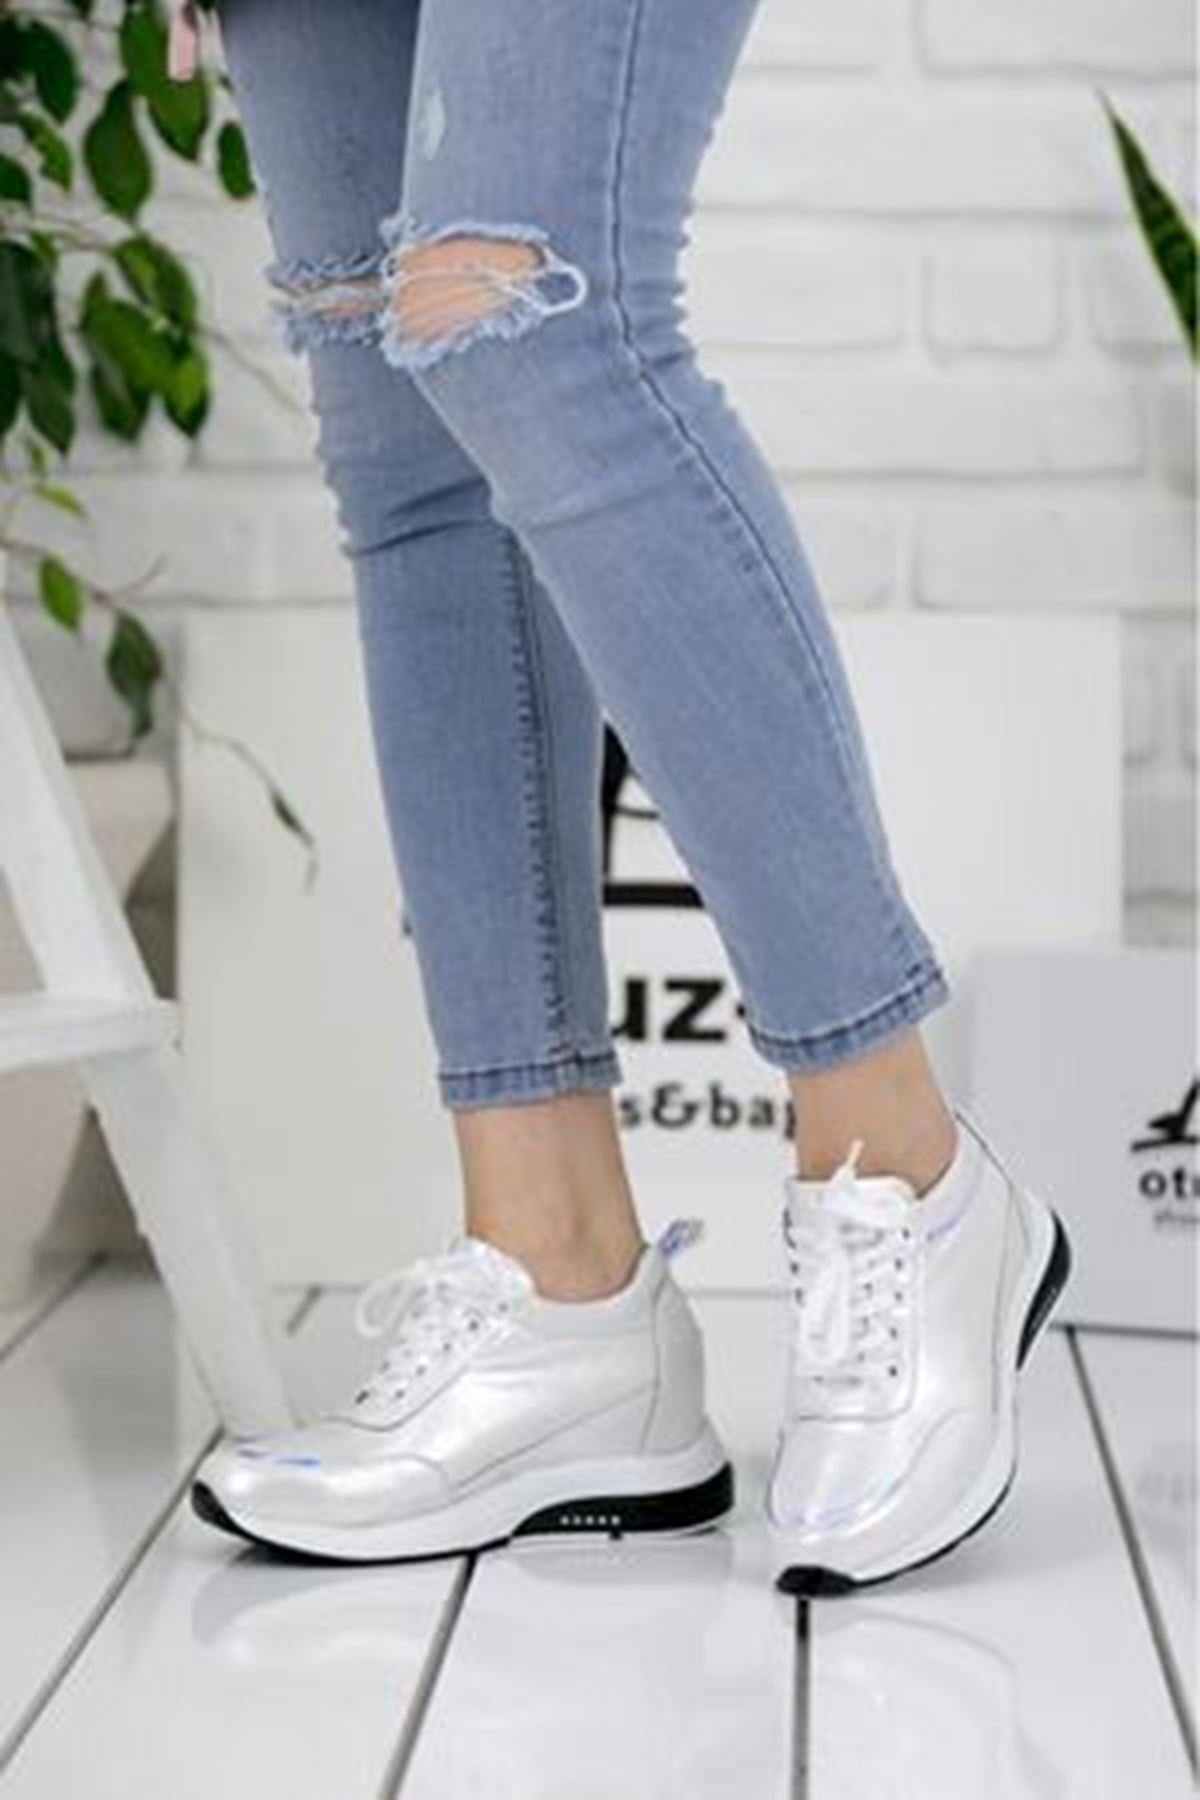 For514 Beyaz Simli Bağcık Detaylı Kadın Spor Ayakkabı